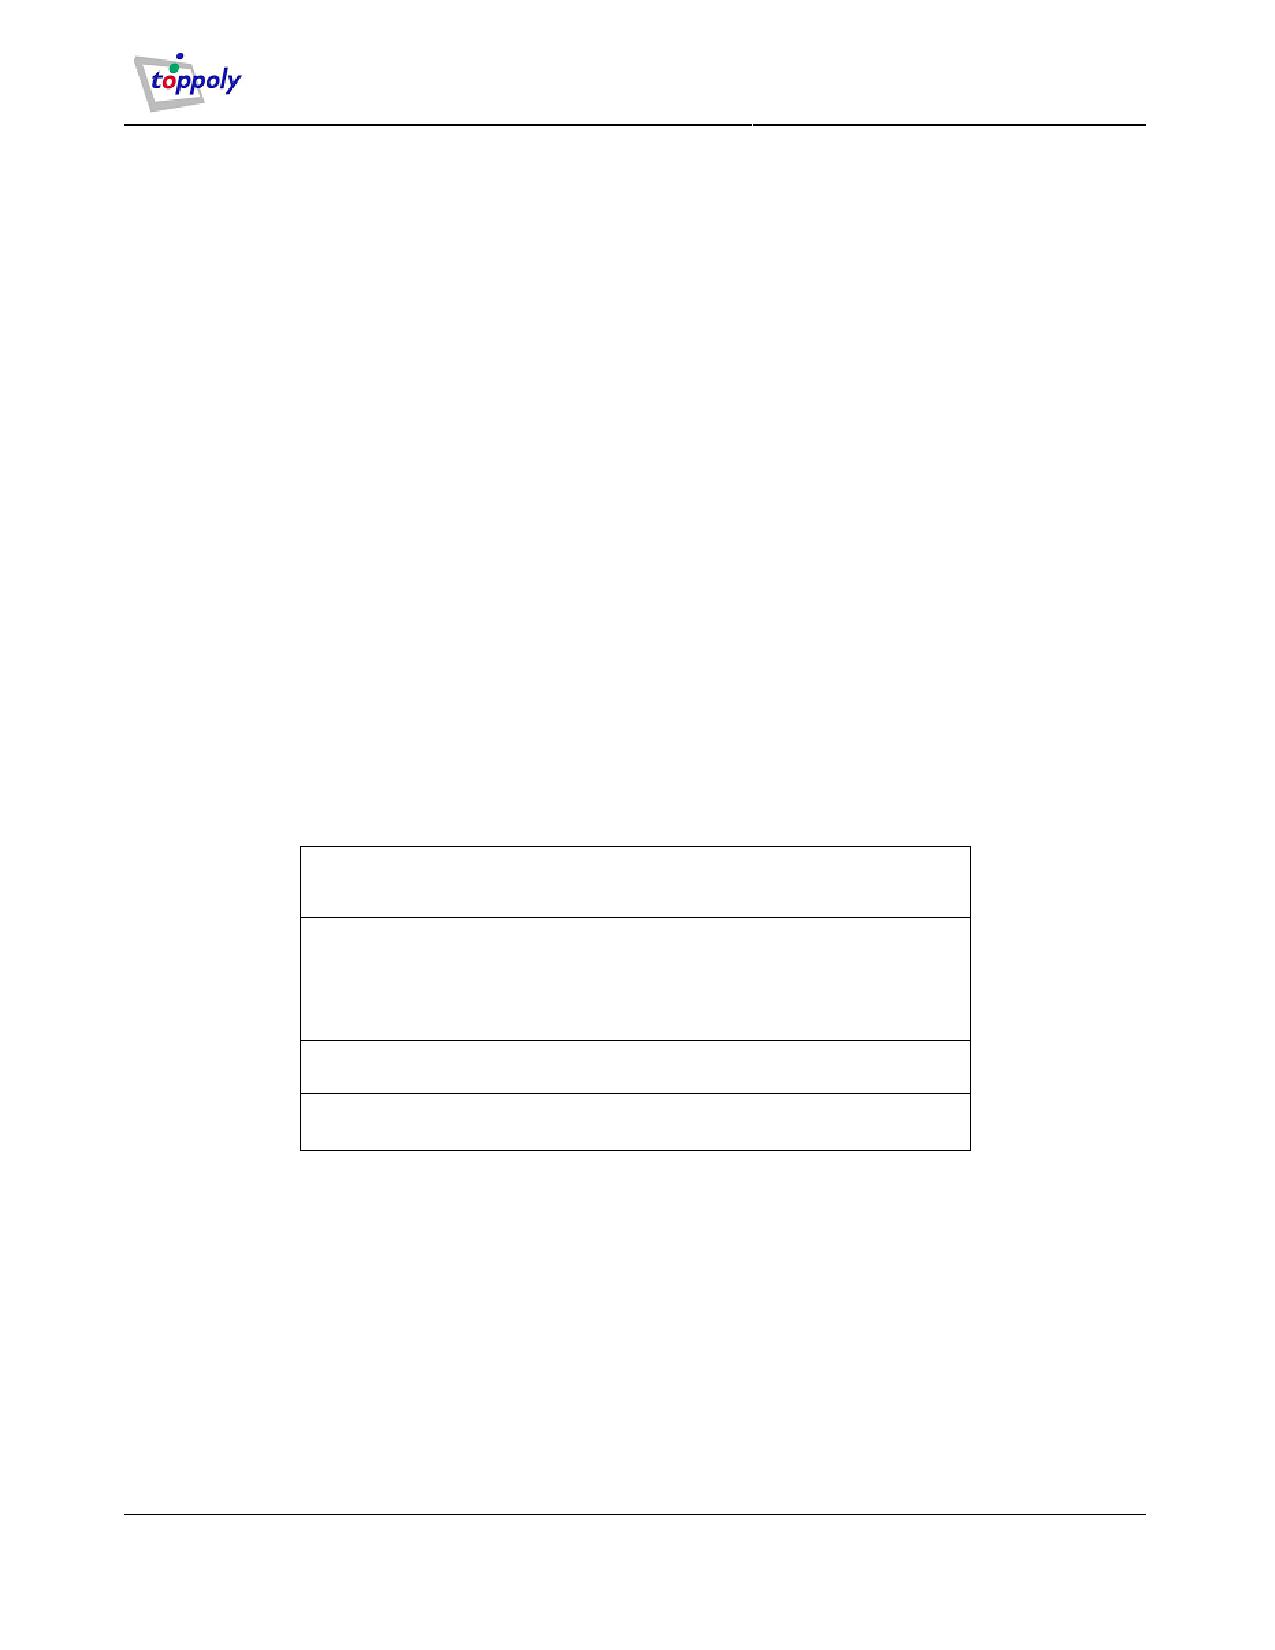 TD035STEB3 datasheet